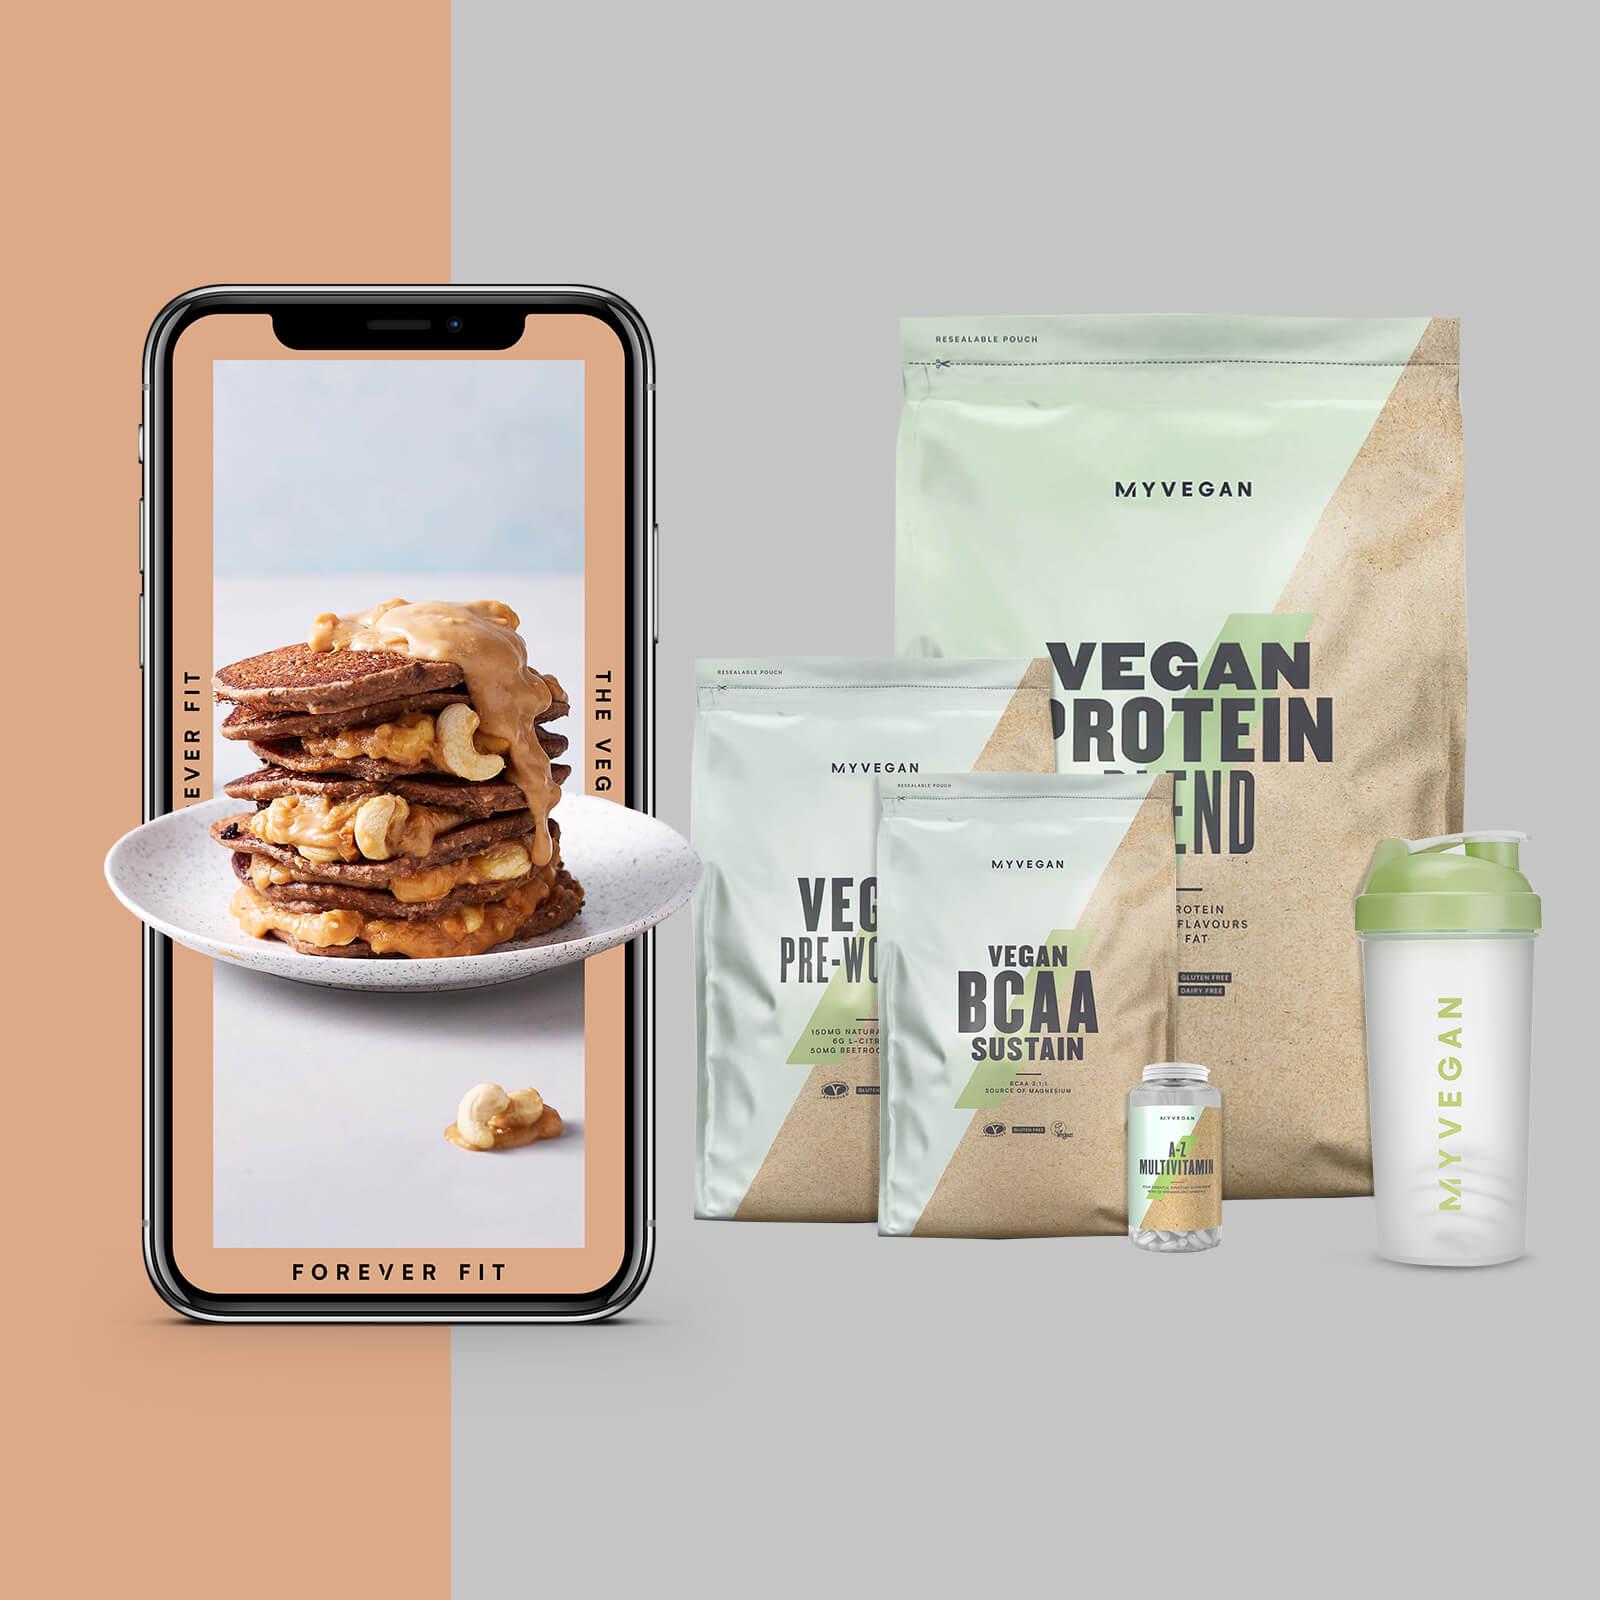 Le Pack Vegan + Guide Entraînement et Nutrition Offert - Raspberry Lemonade - Sour Apple - Strawberry